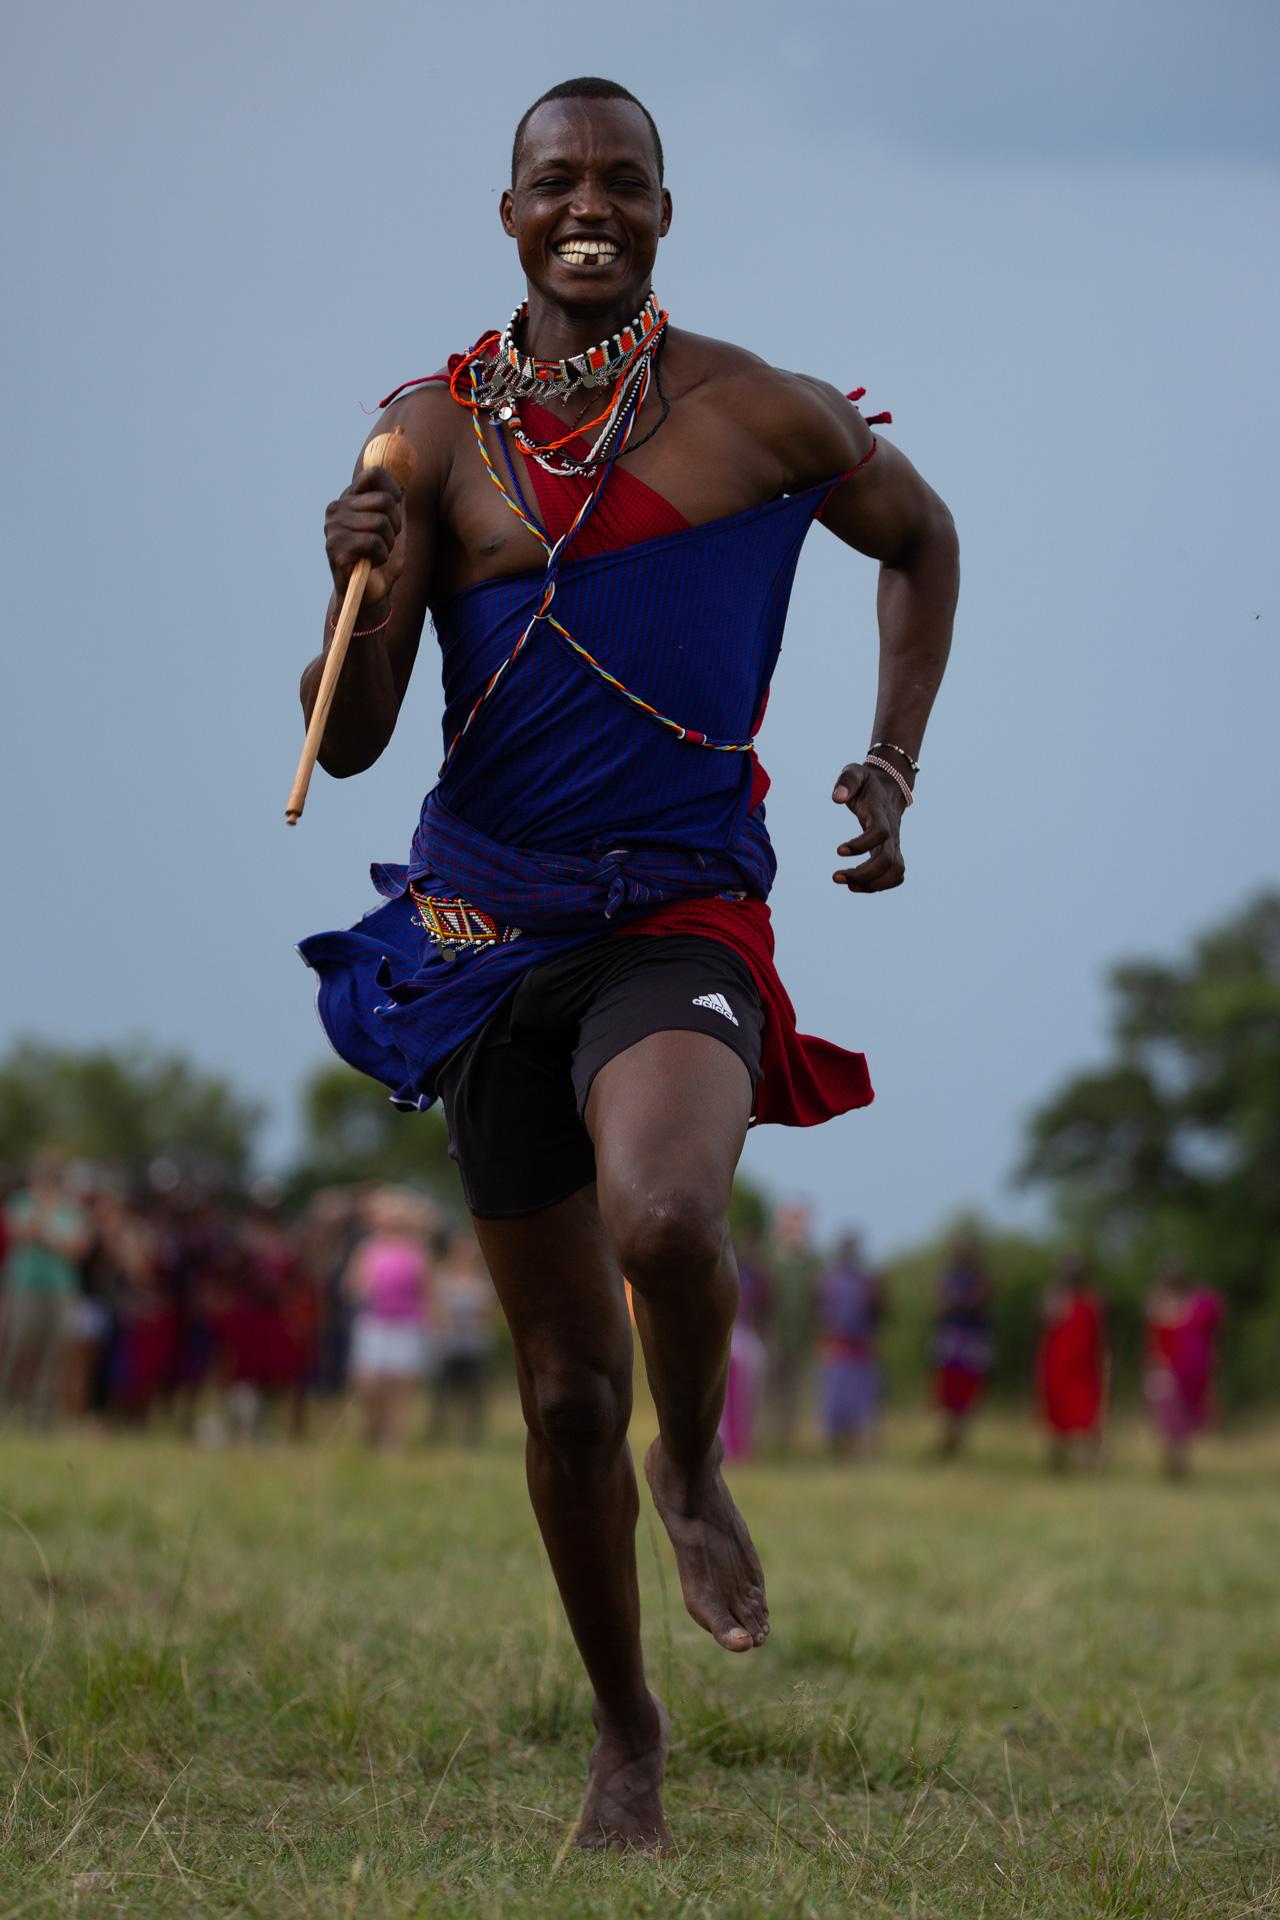 Maasai straight on running